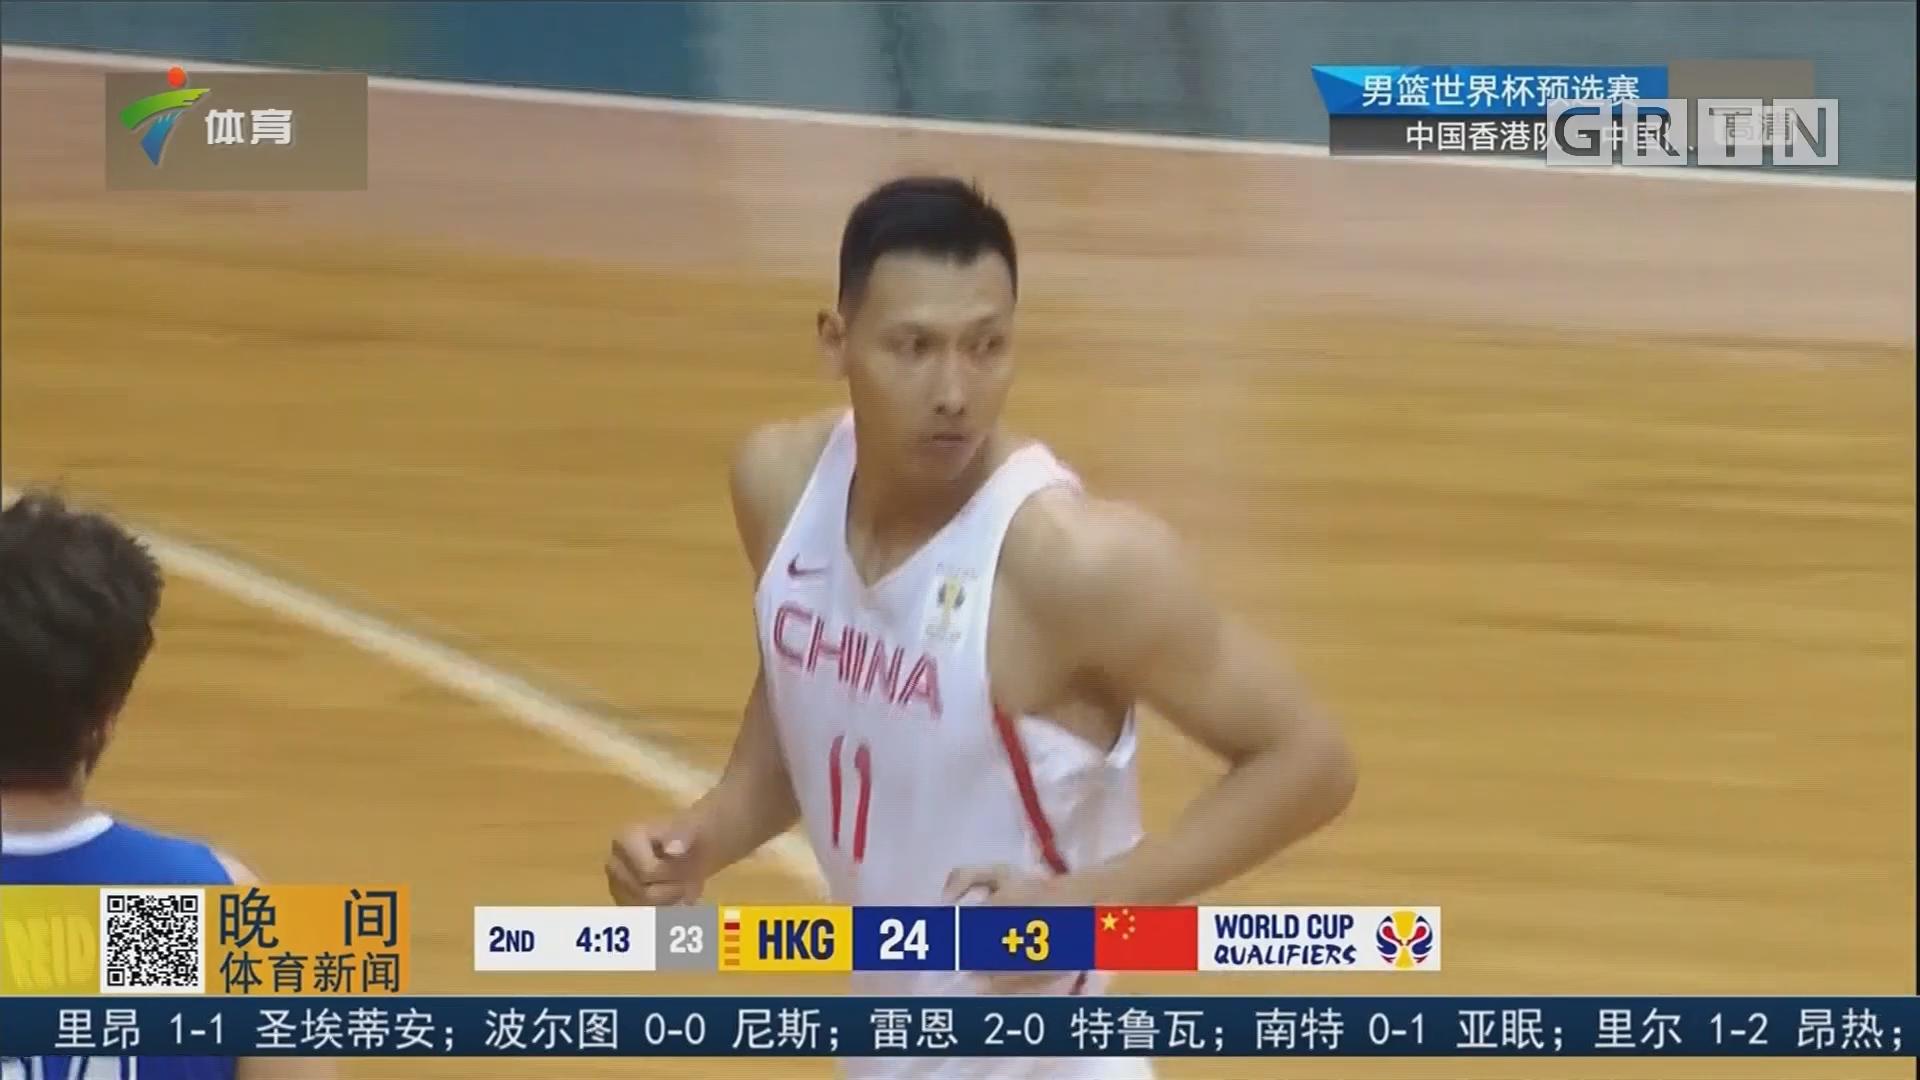 2019年男篮世界杯预选赛 中国队收获大胜